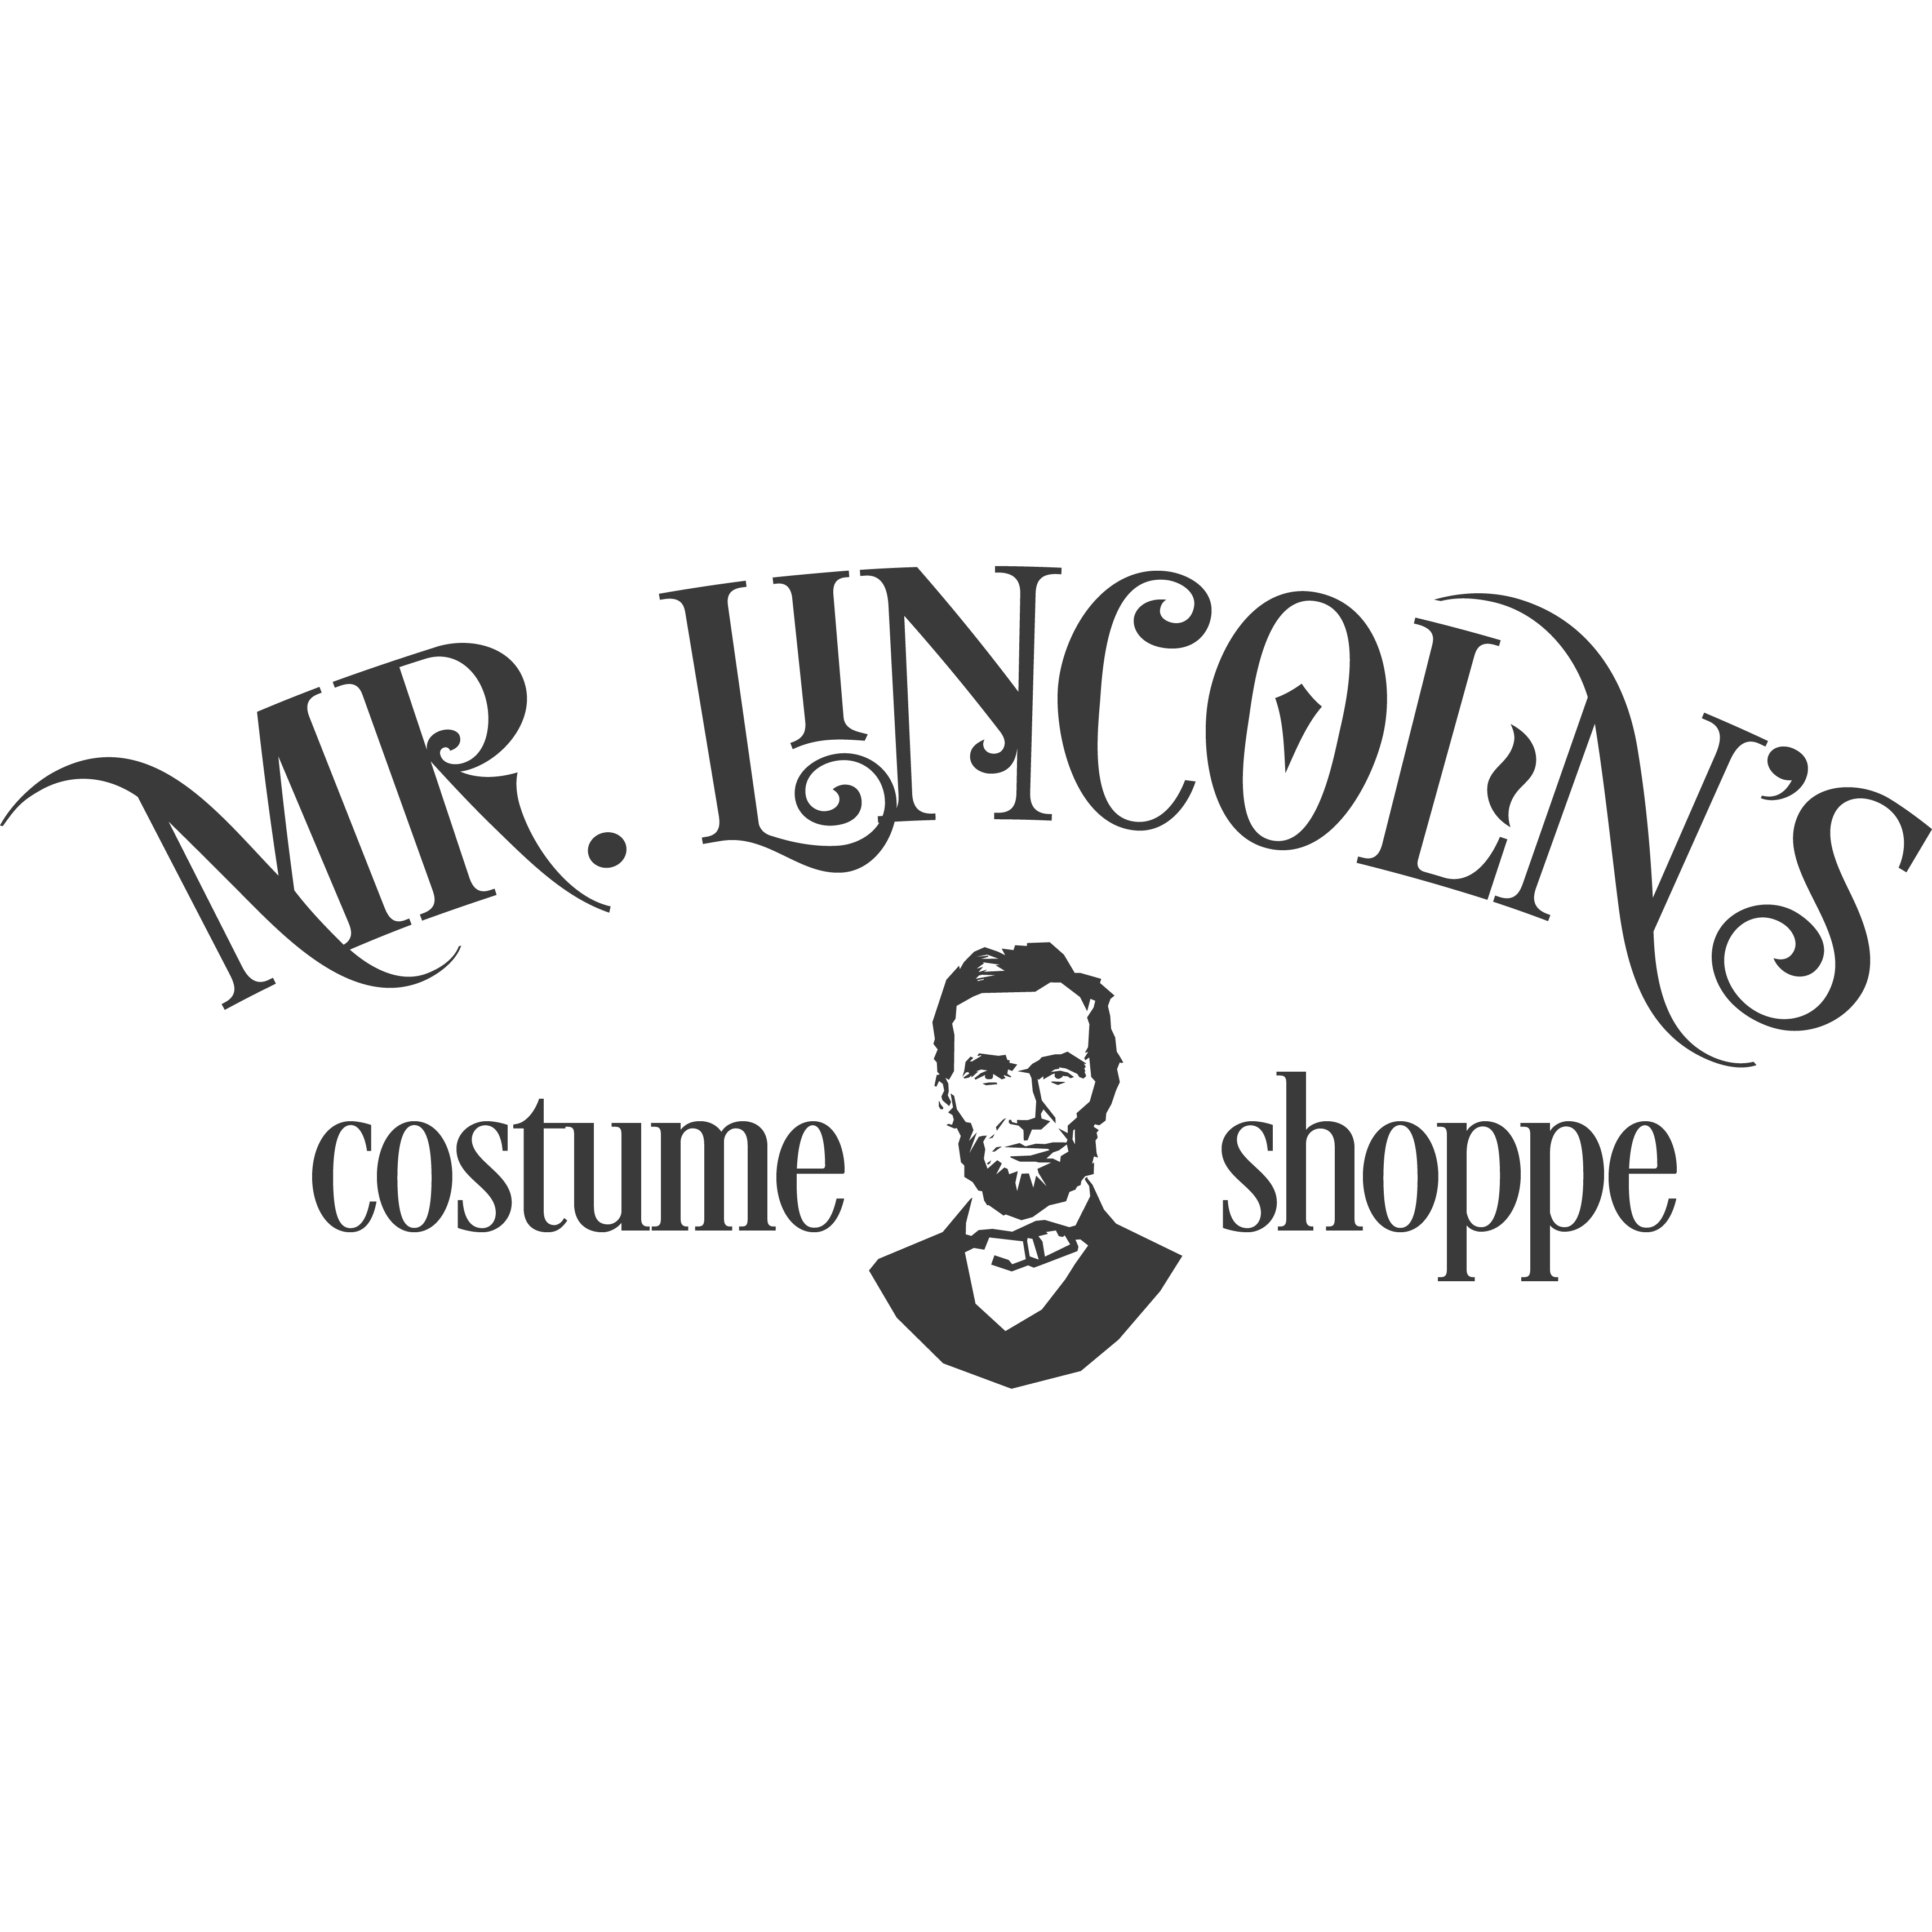 Mr. Lincoln's Costume Shoppe